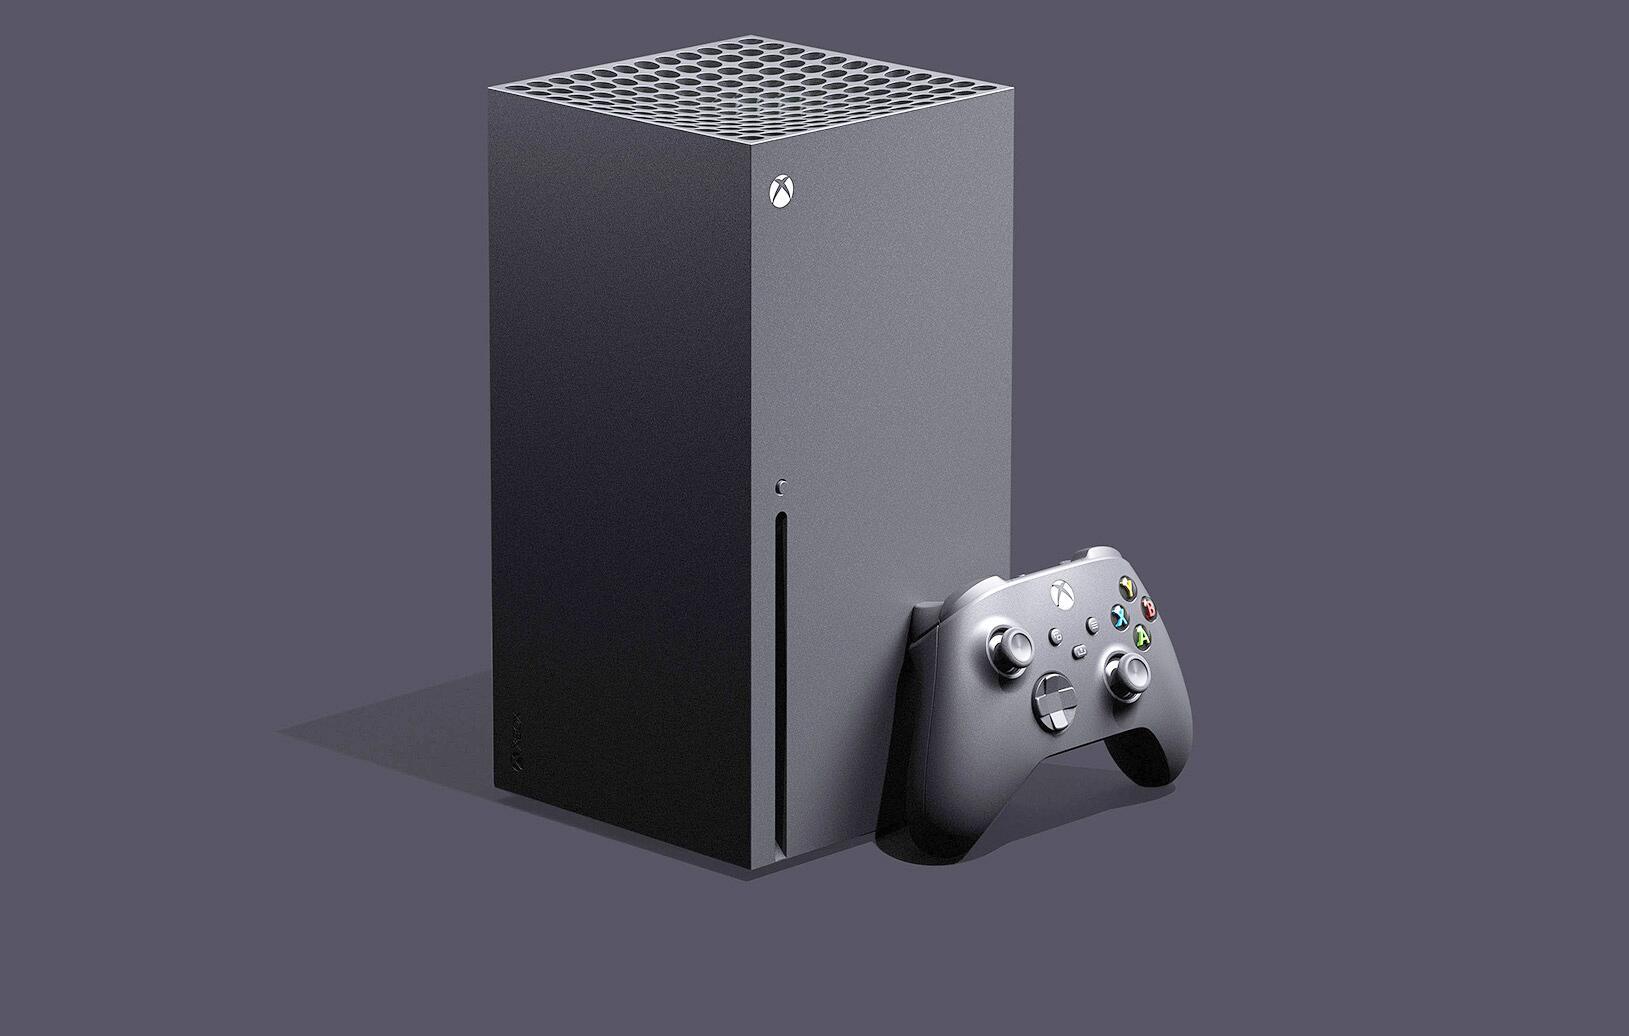 Bild zu Microsoft, Xbox, Xbox One, Xbox Series X, Konsole, PS5, Next-Gen